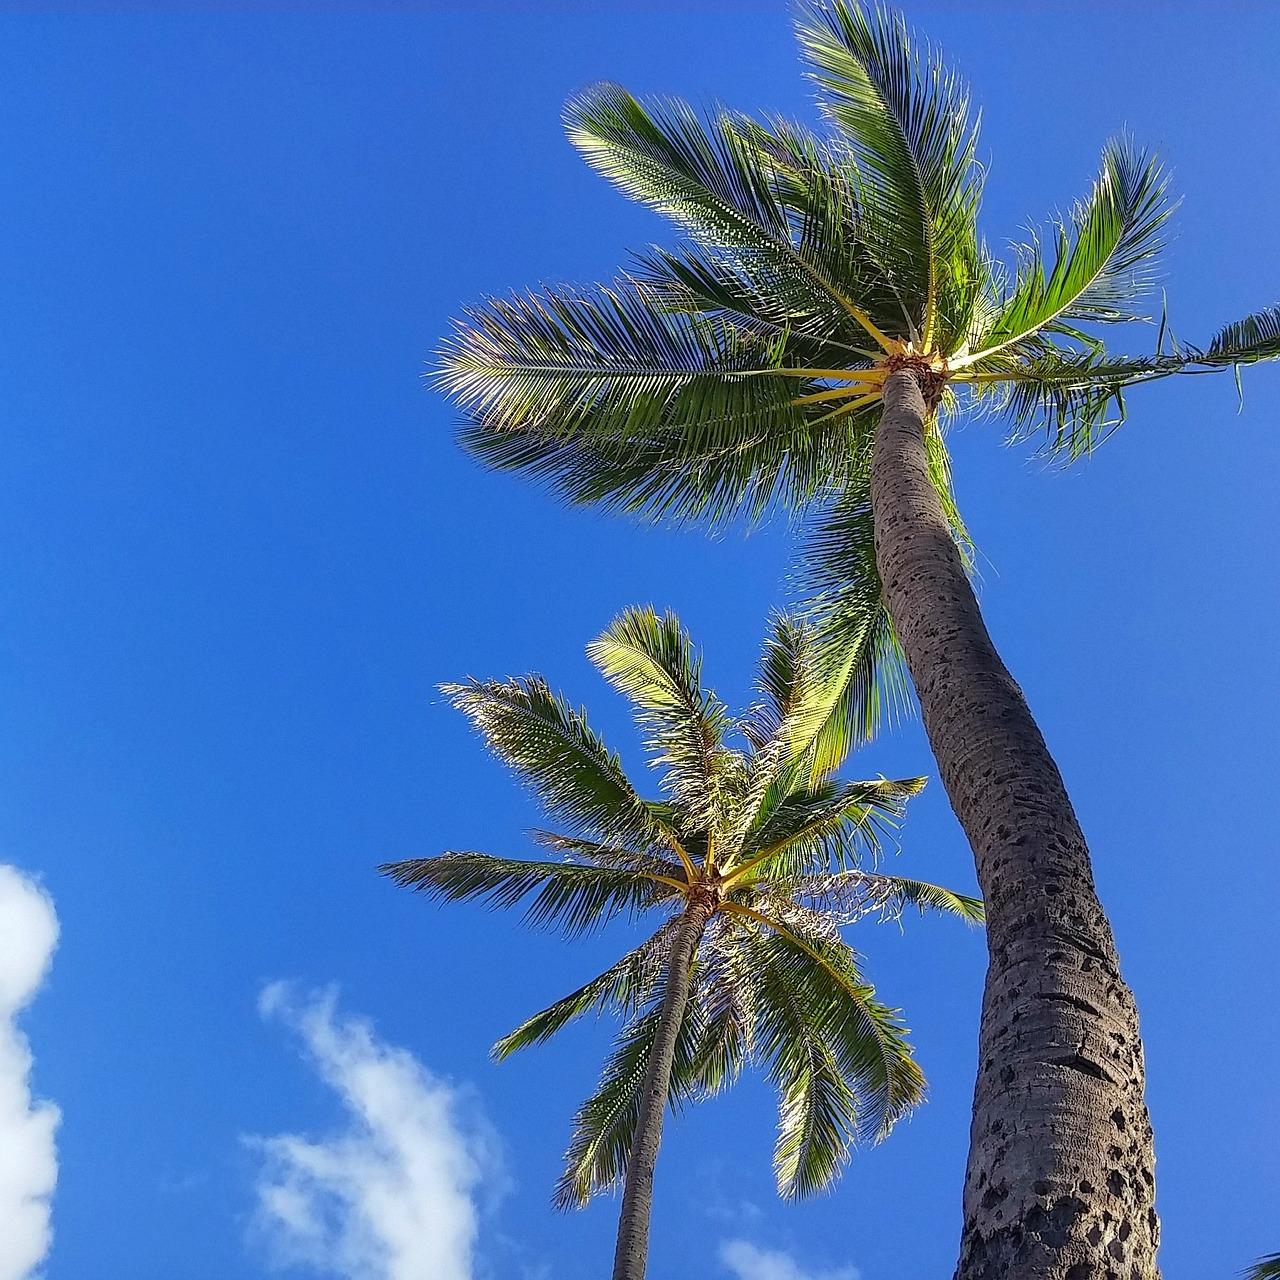 пальмы картинки больших размеров самое просторное